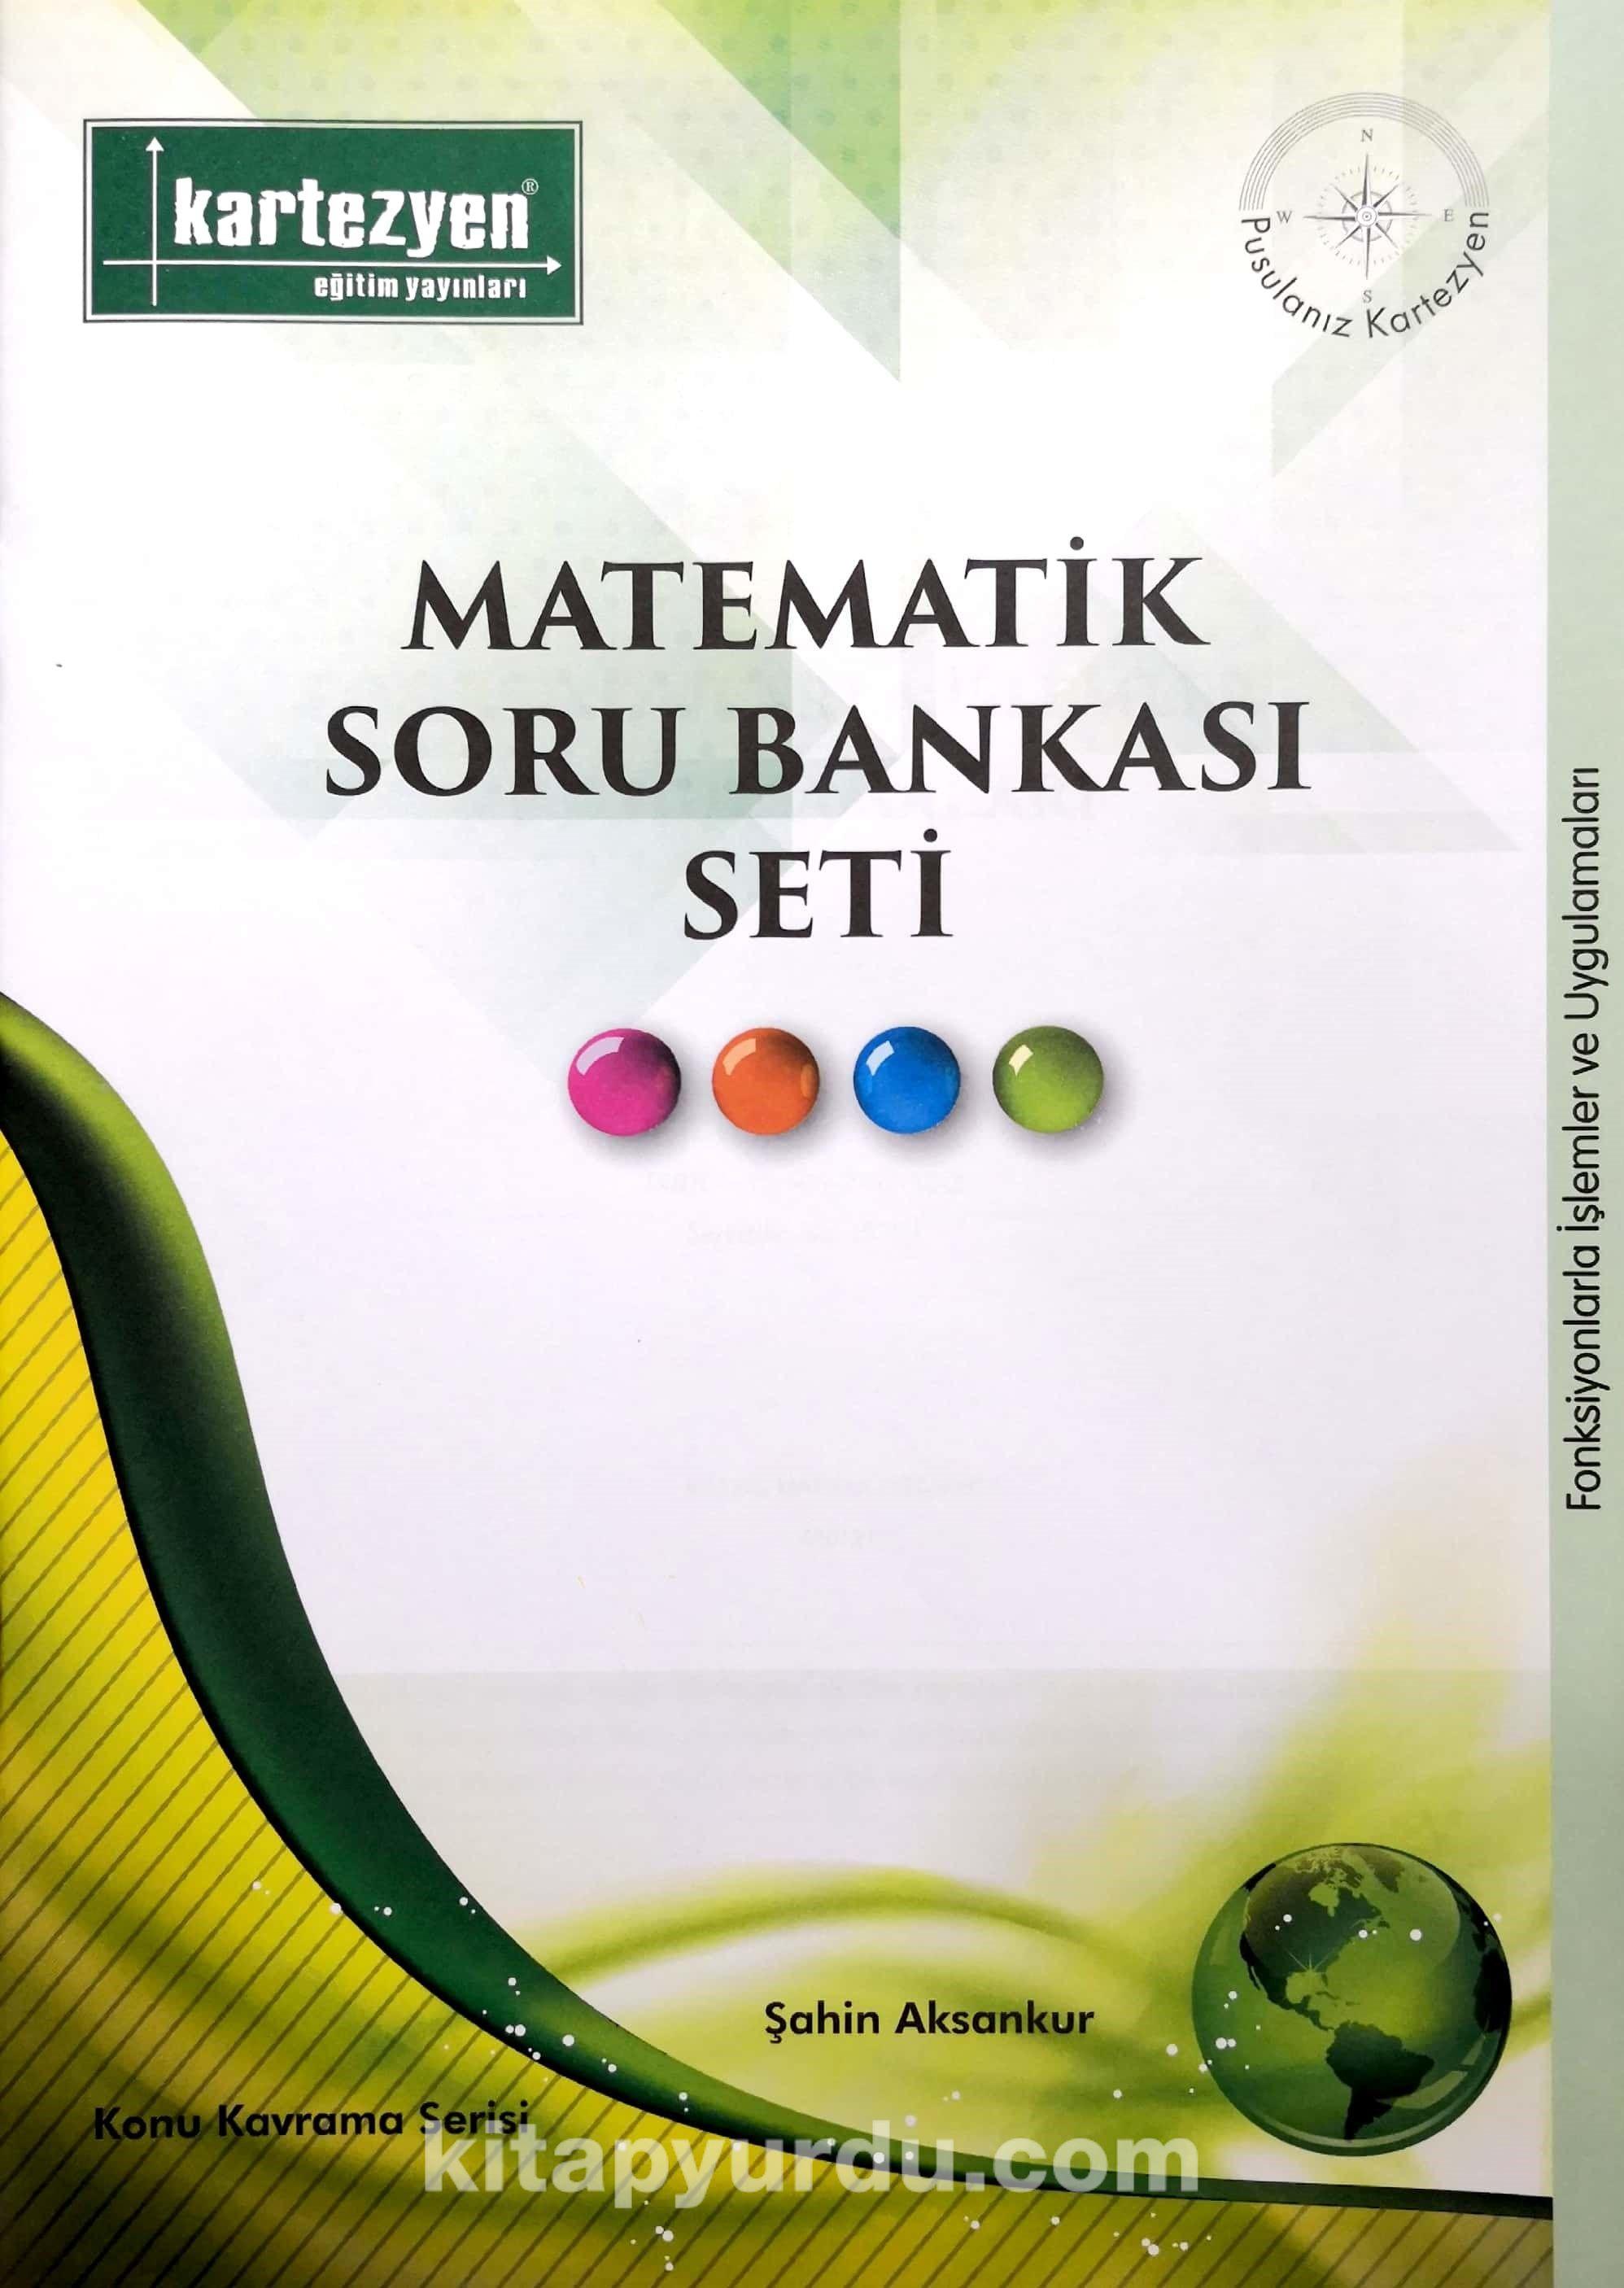 Fonksiyonlarla İşlemler ve Uygulamaları / Matematik Soru Bankası Seti - Şahin Aksankur pdf epub